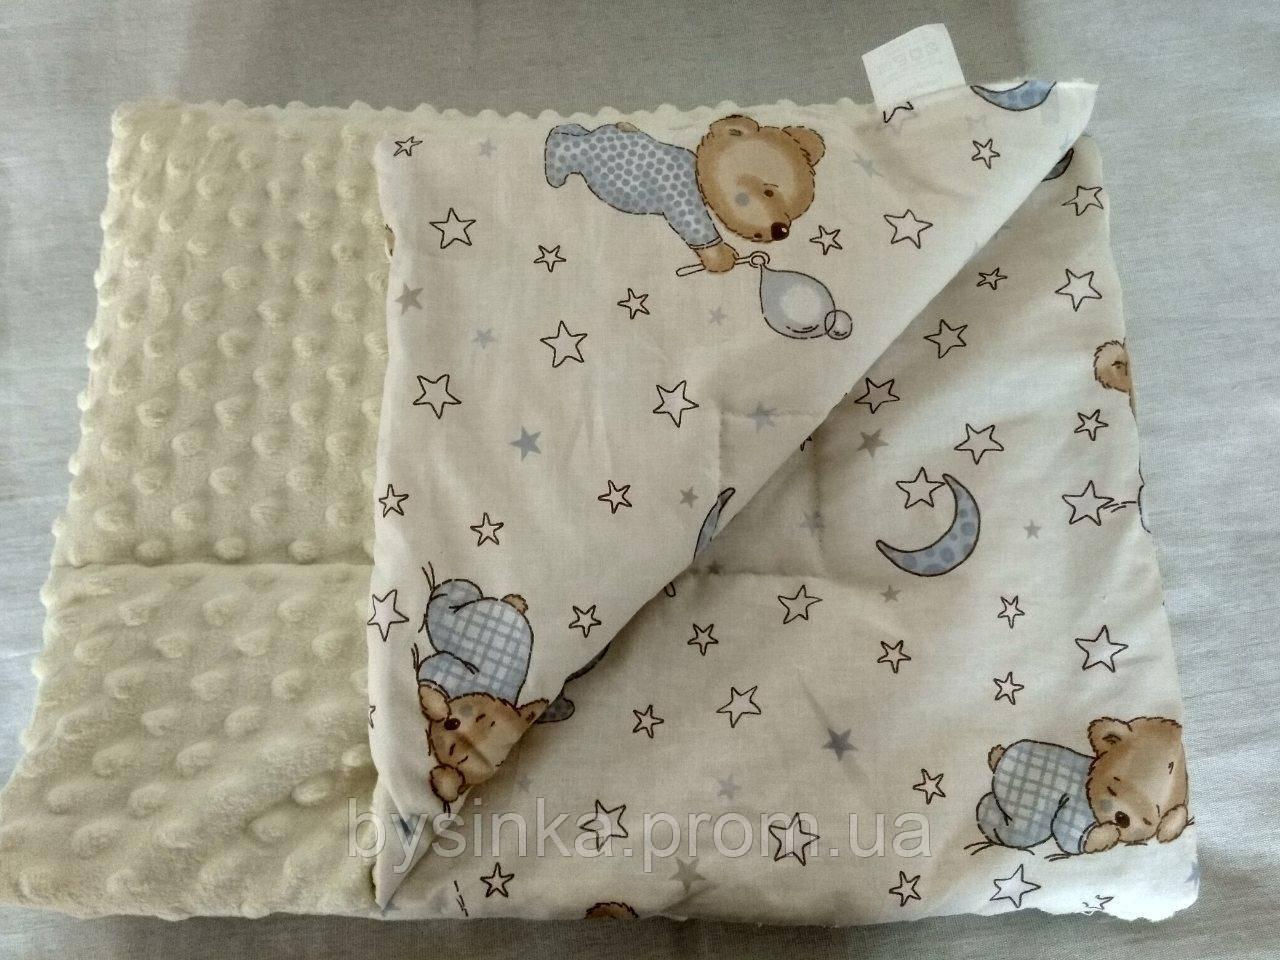 Конверт-плед-одеяло на выписку новорожденного Плюш Minky, 75*95 см.